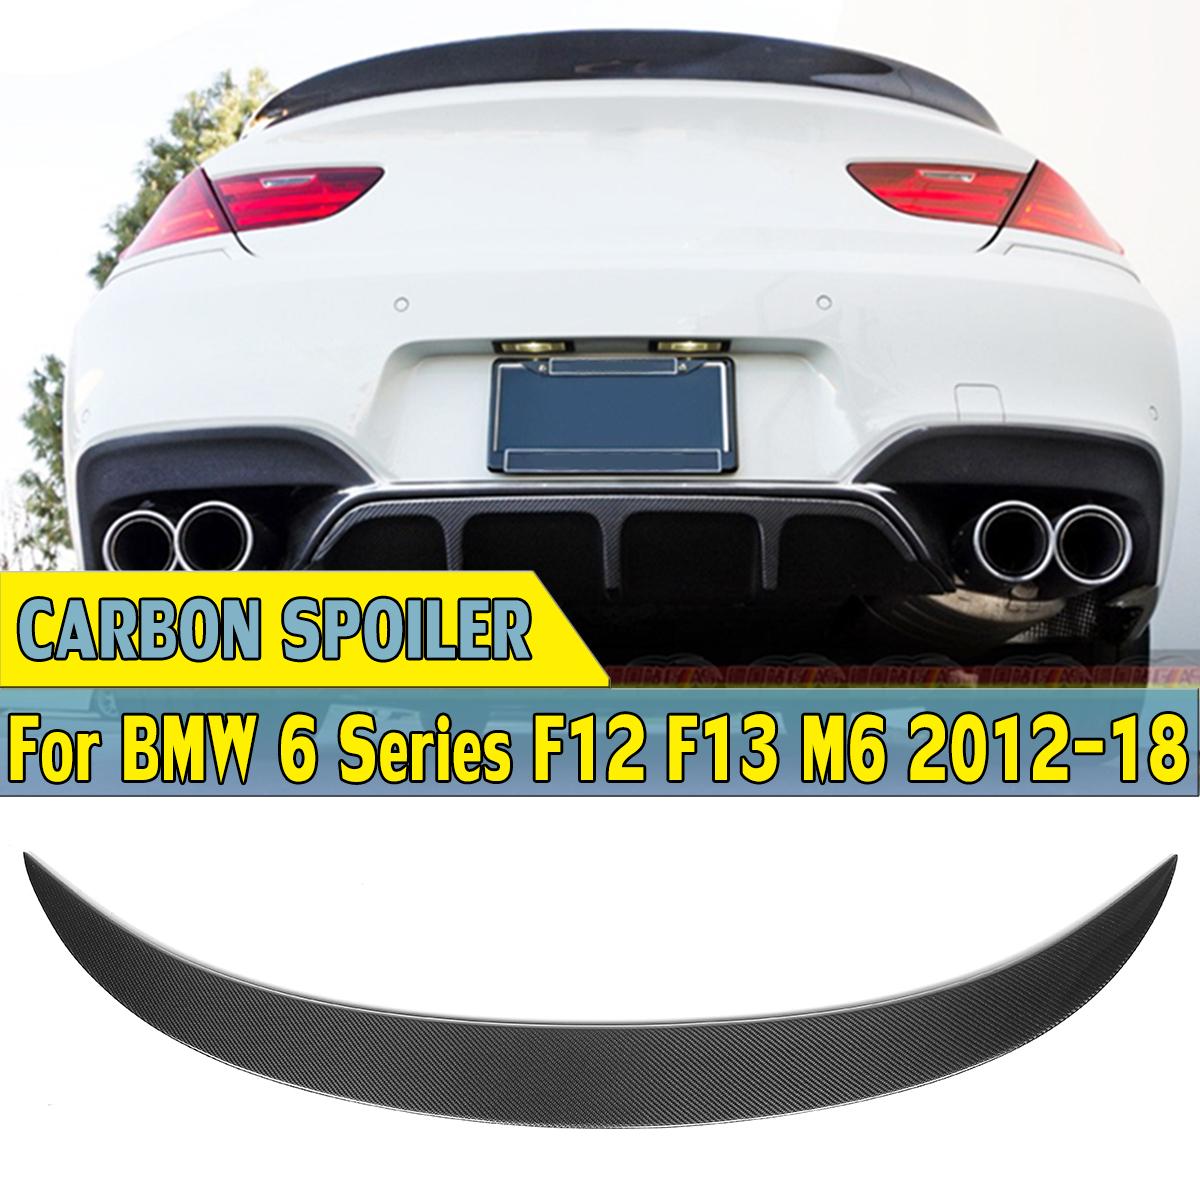 POUR BMW F06 Gran Coupé Série 6 Arrière Coffre Trunk Spoiler Lèvre aile garniture couvercle M6 M